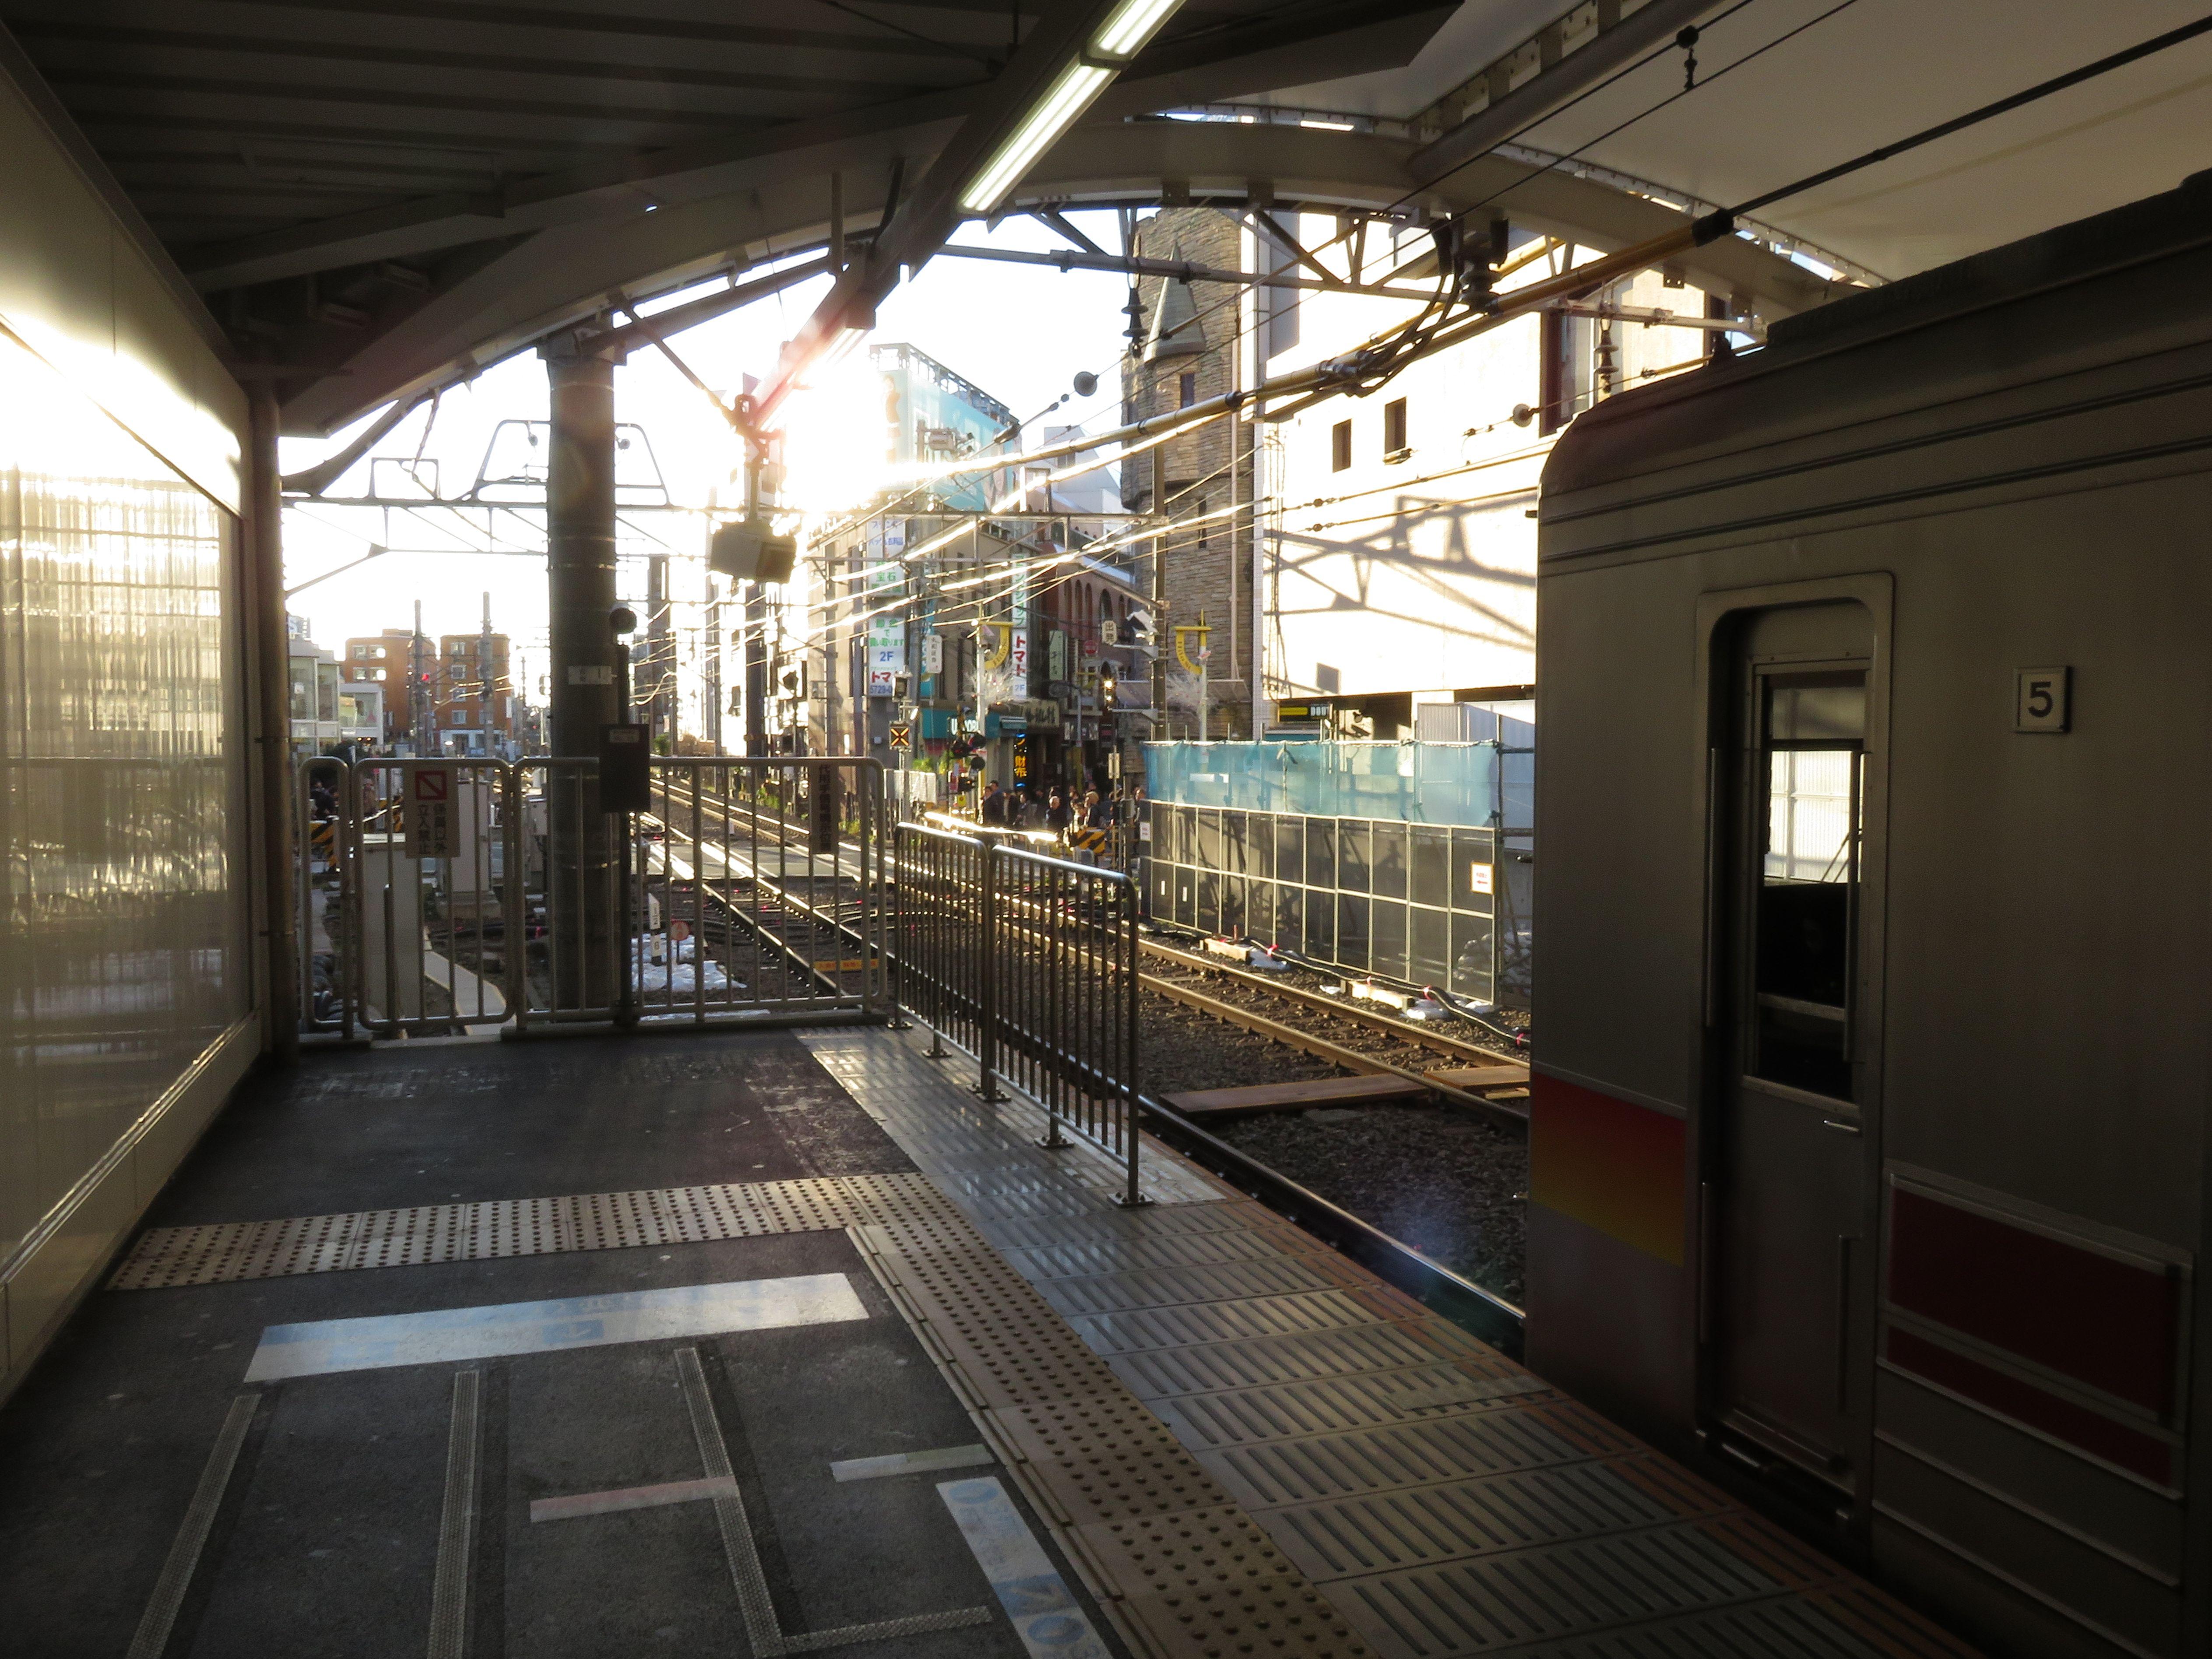 自由が丘駅二子玉川方で行われているホーム延長工事。